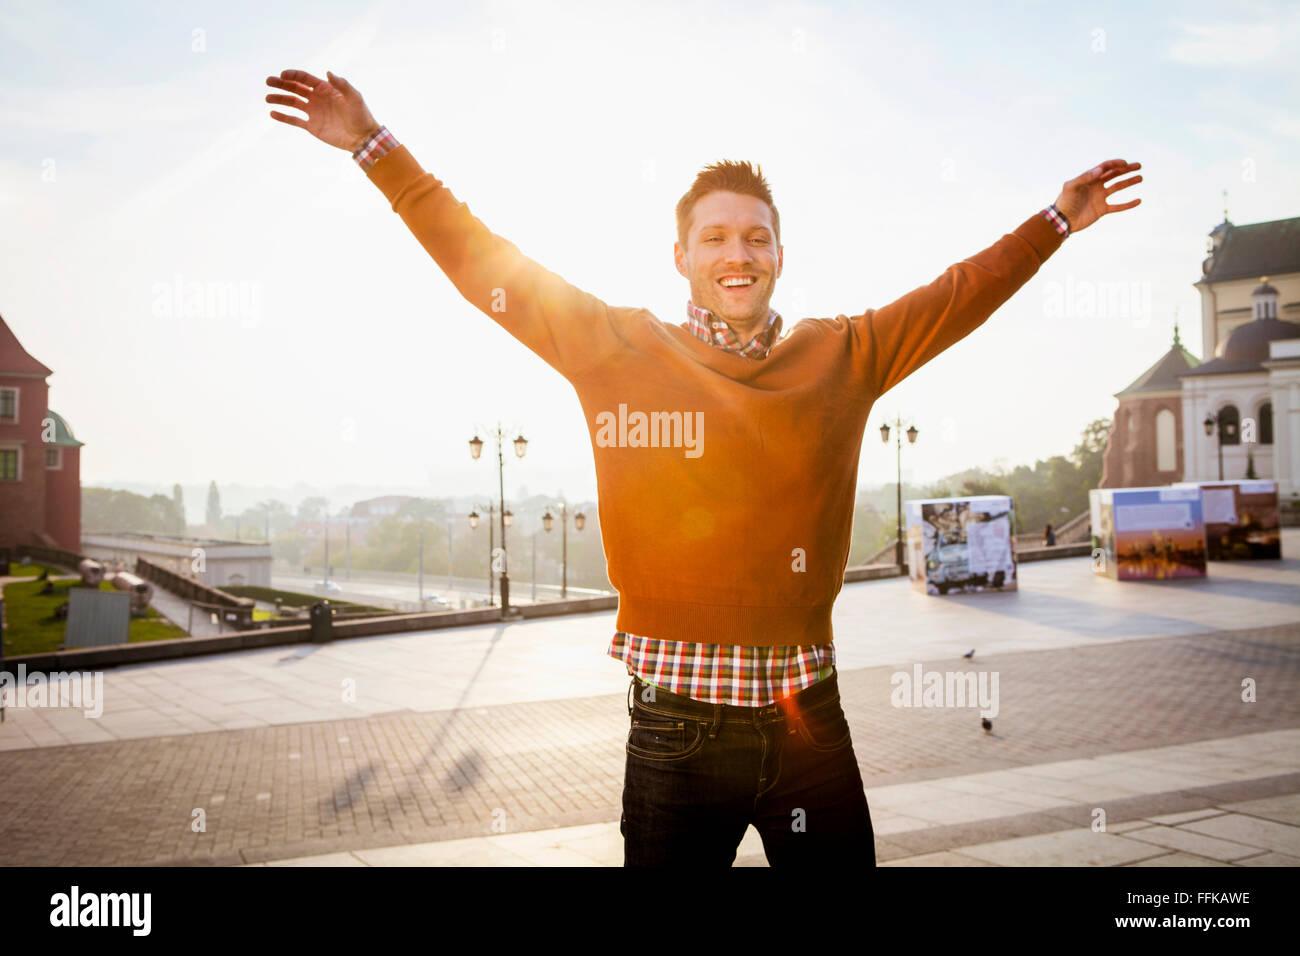 Mid adult man sur un séjour en ville debout avec les bras levés Photo Stock